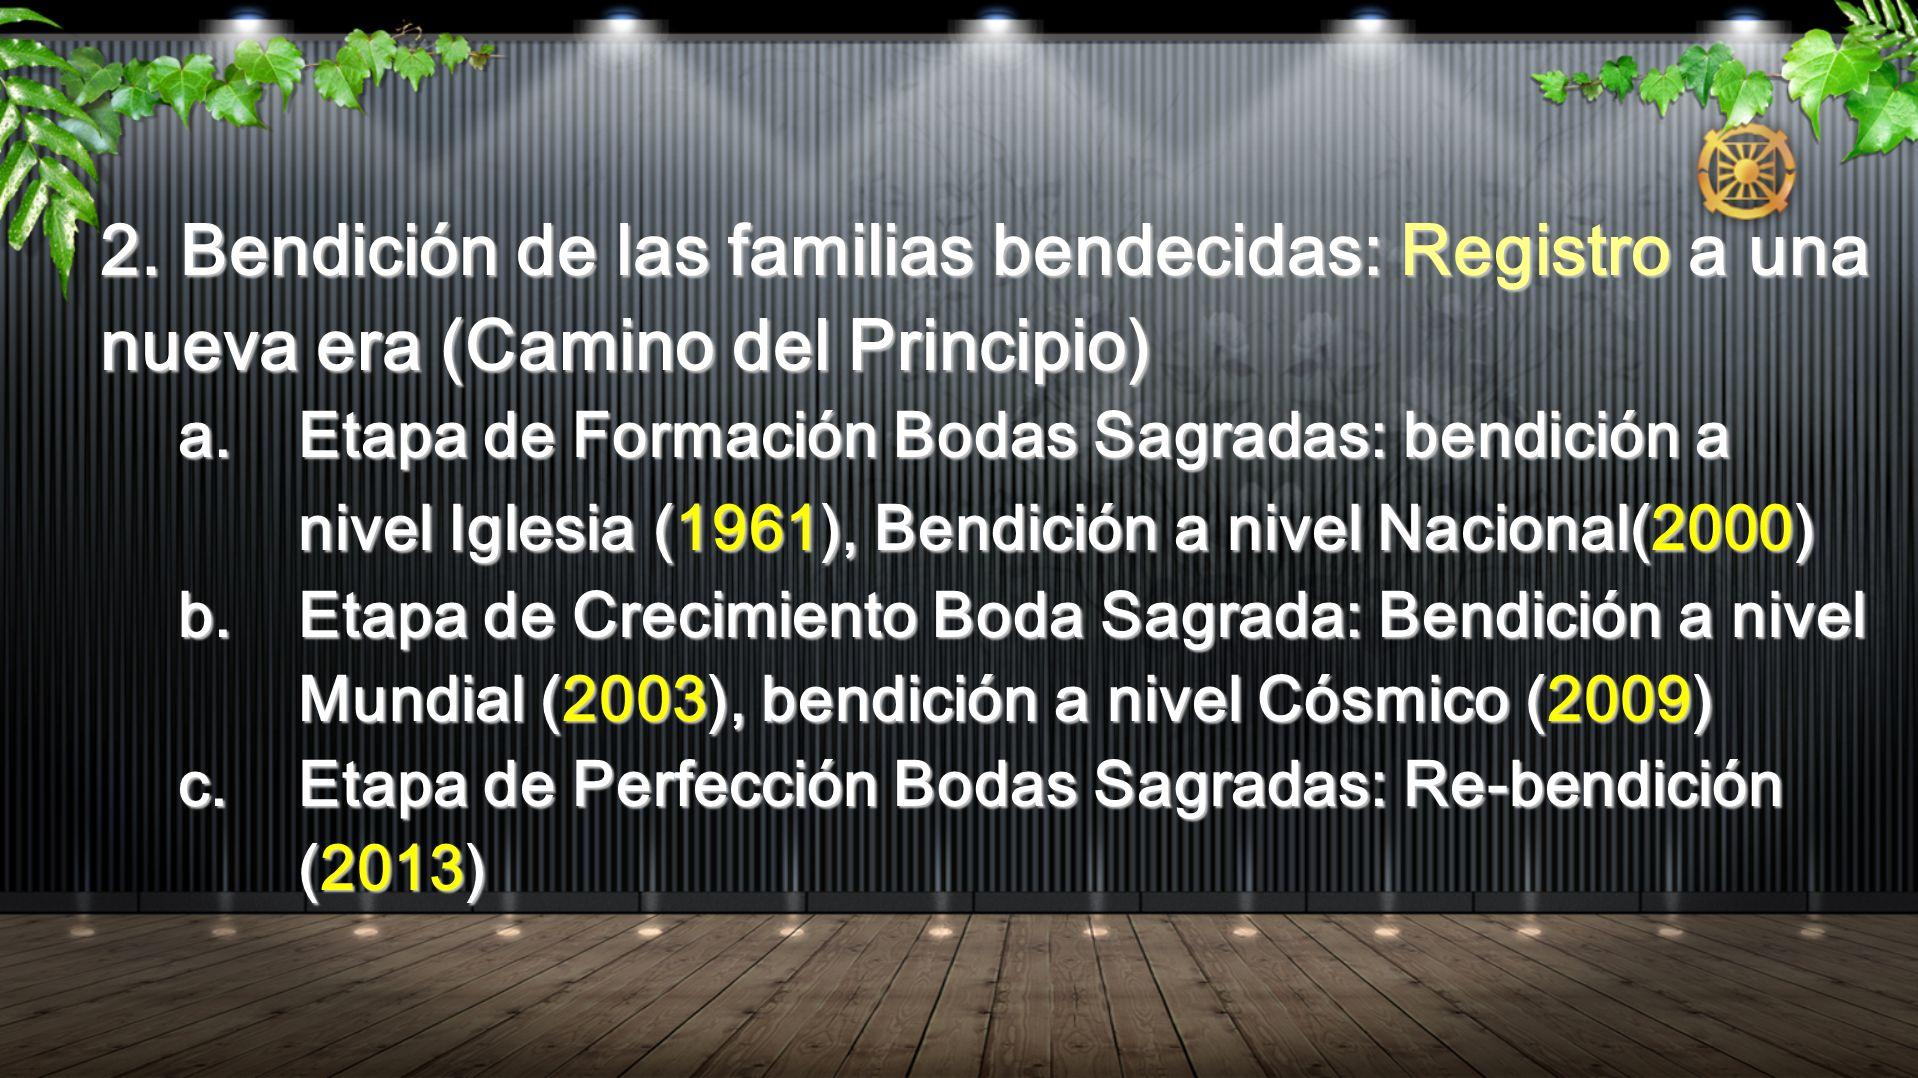 2. Bendición de las familias bendecidas: Registro a una nueva era (Camino del Principio)